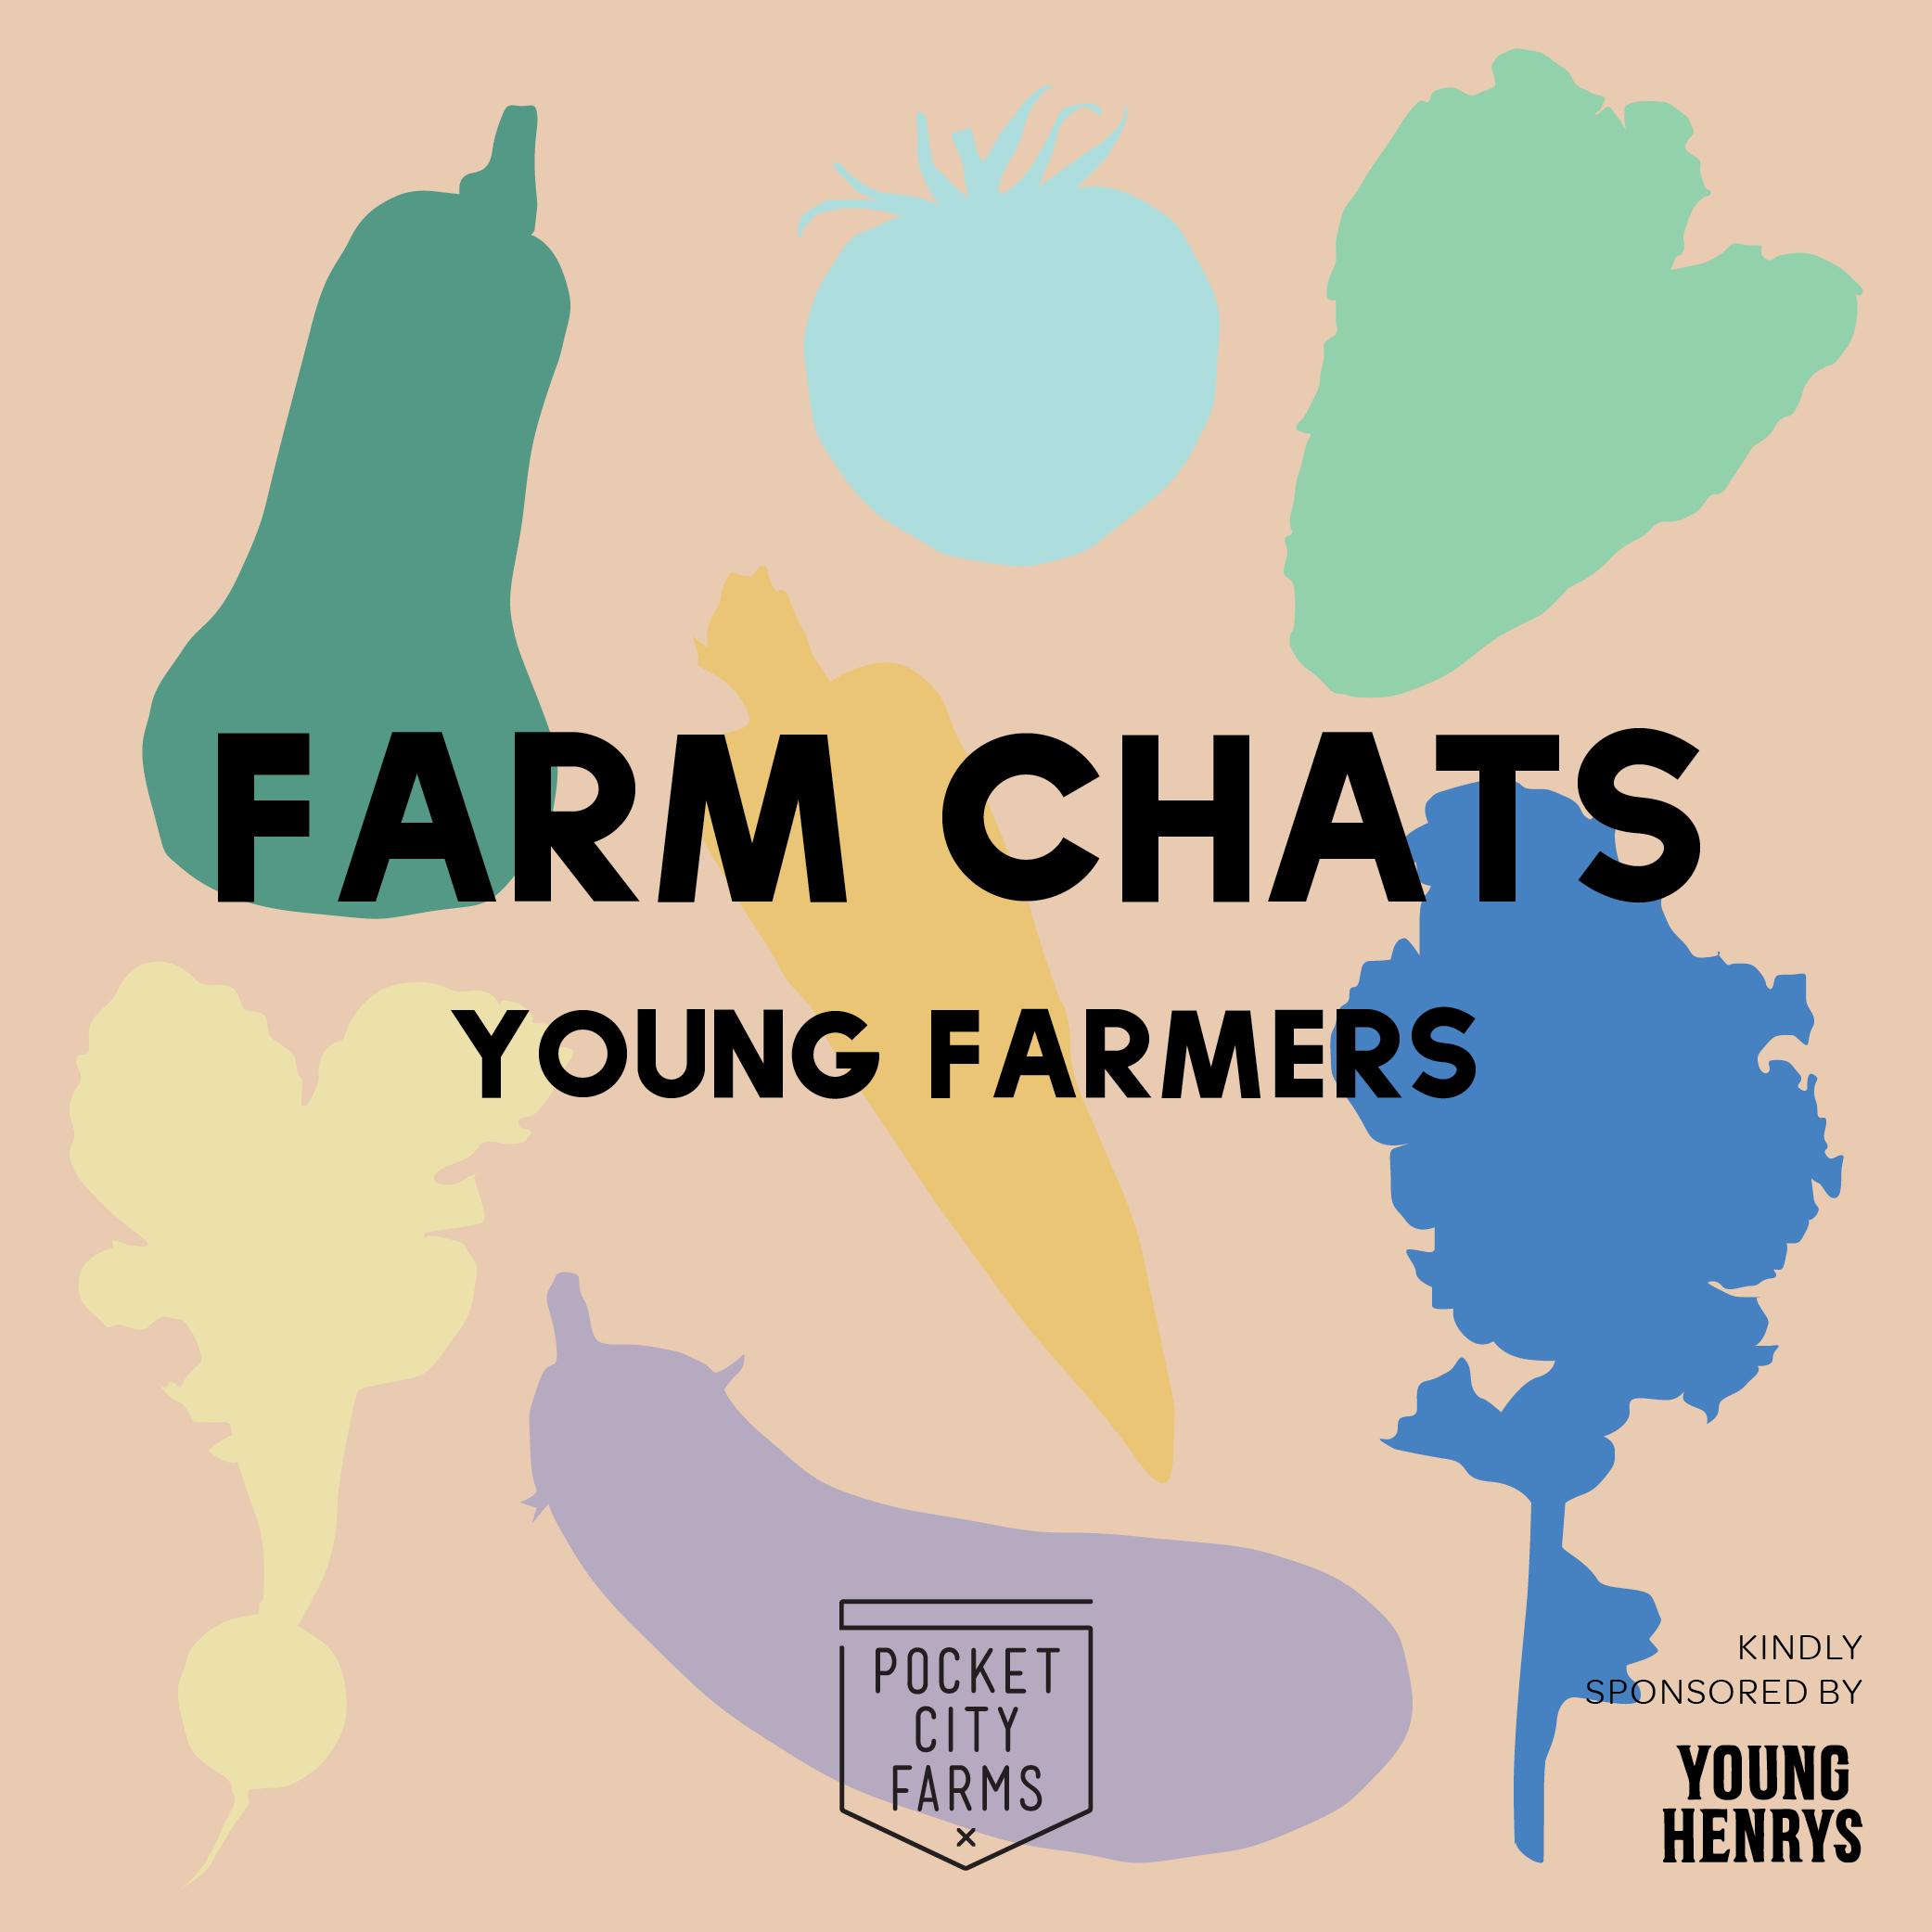 farmchatsvegetables-pcf-square-youngfarmers.jpg